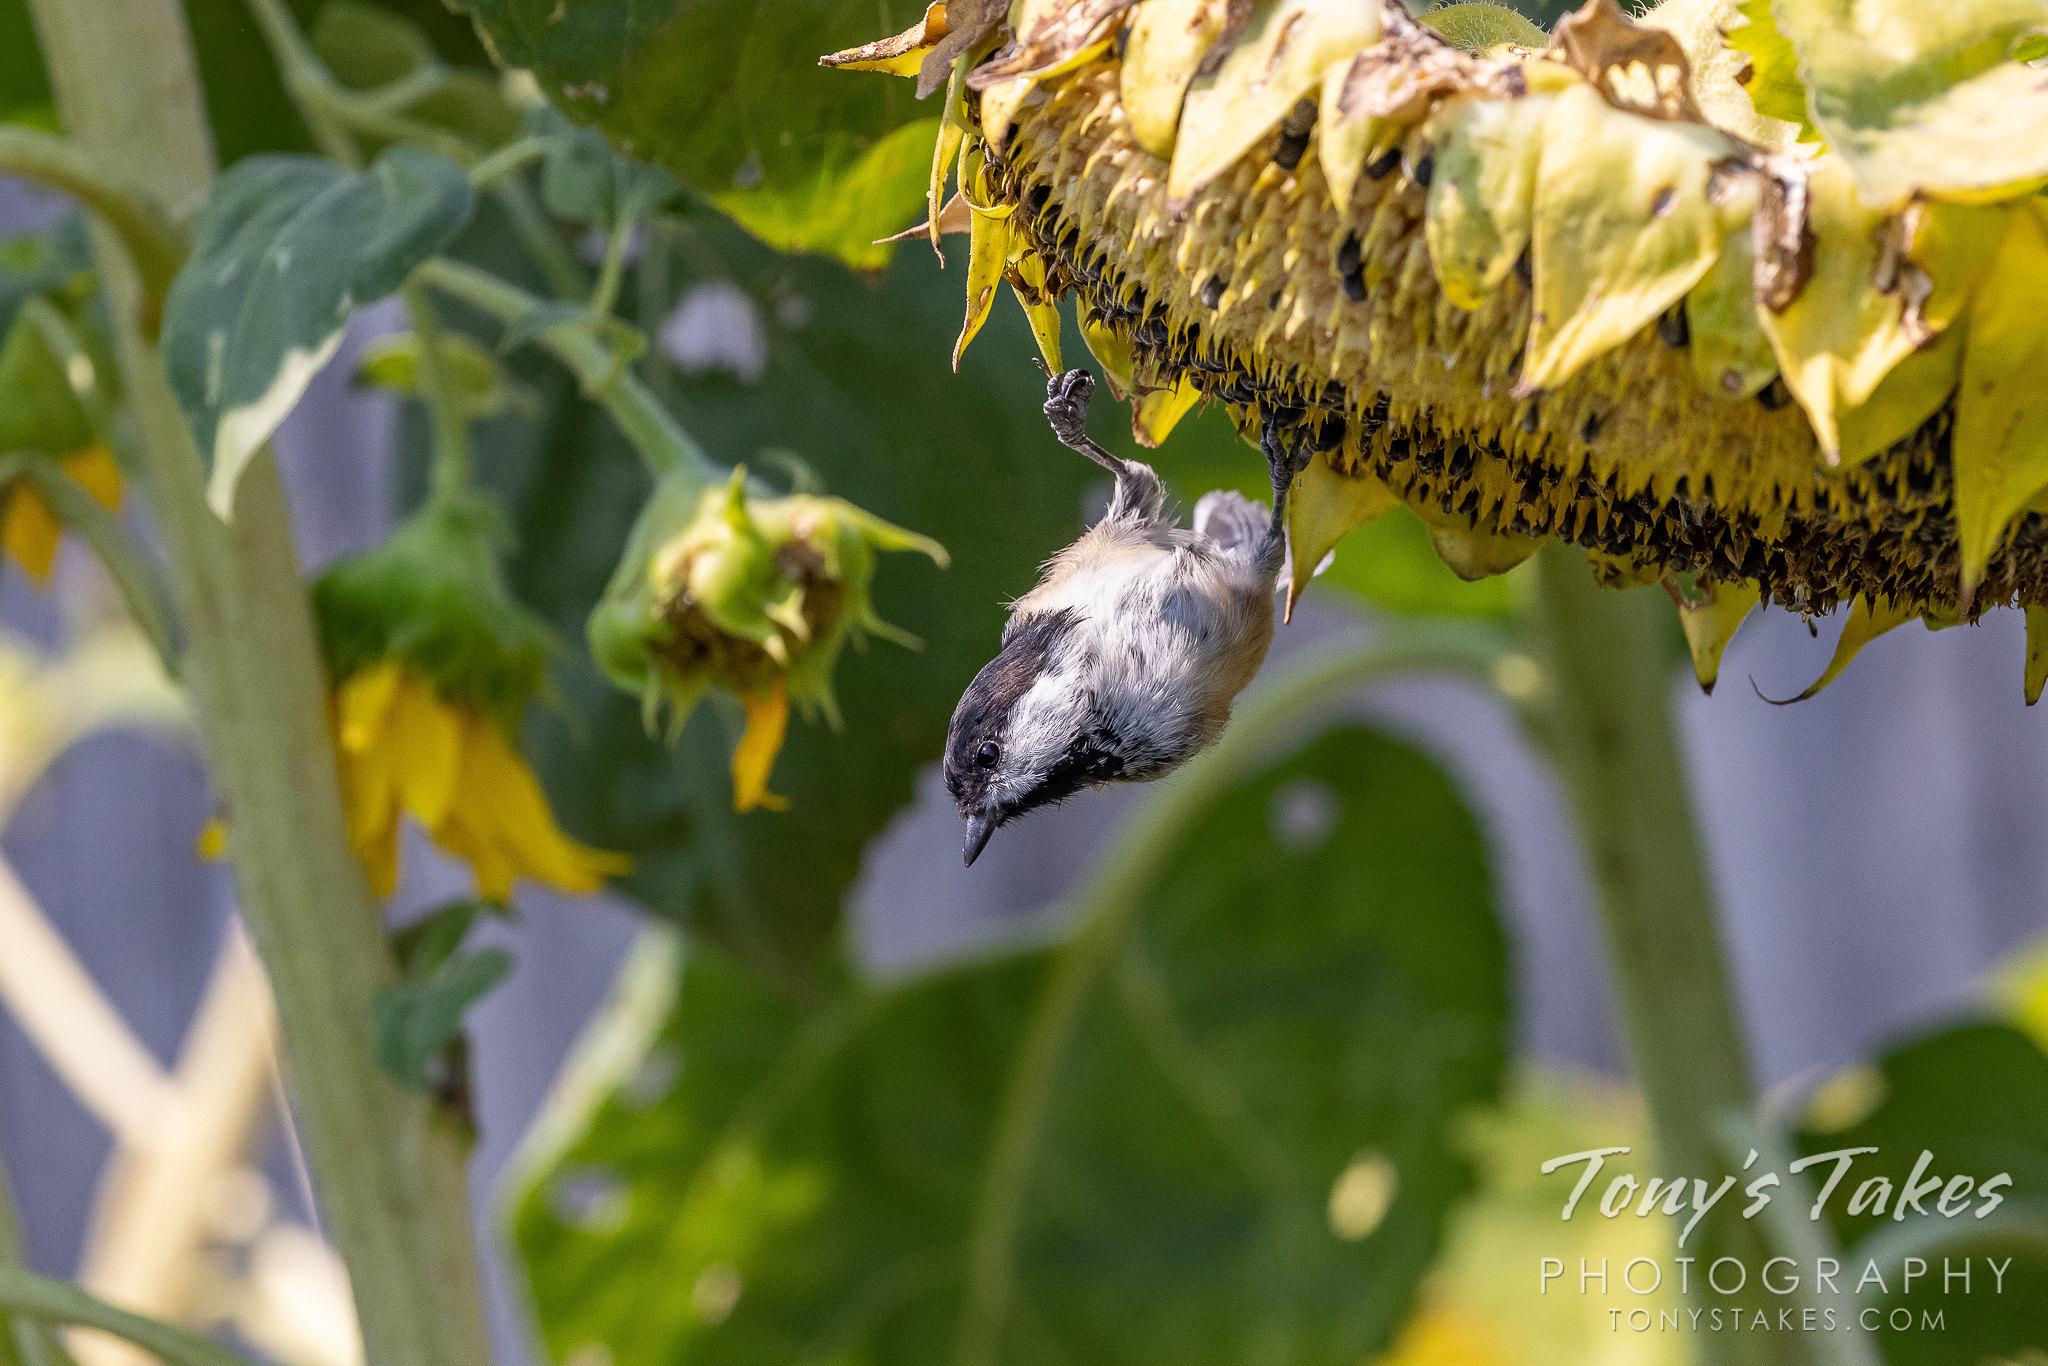 Backyard birds make for an easy photo excursion